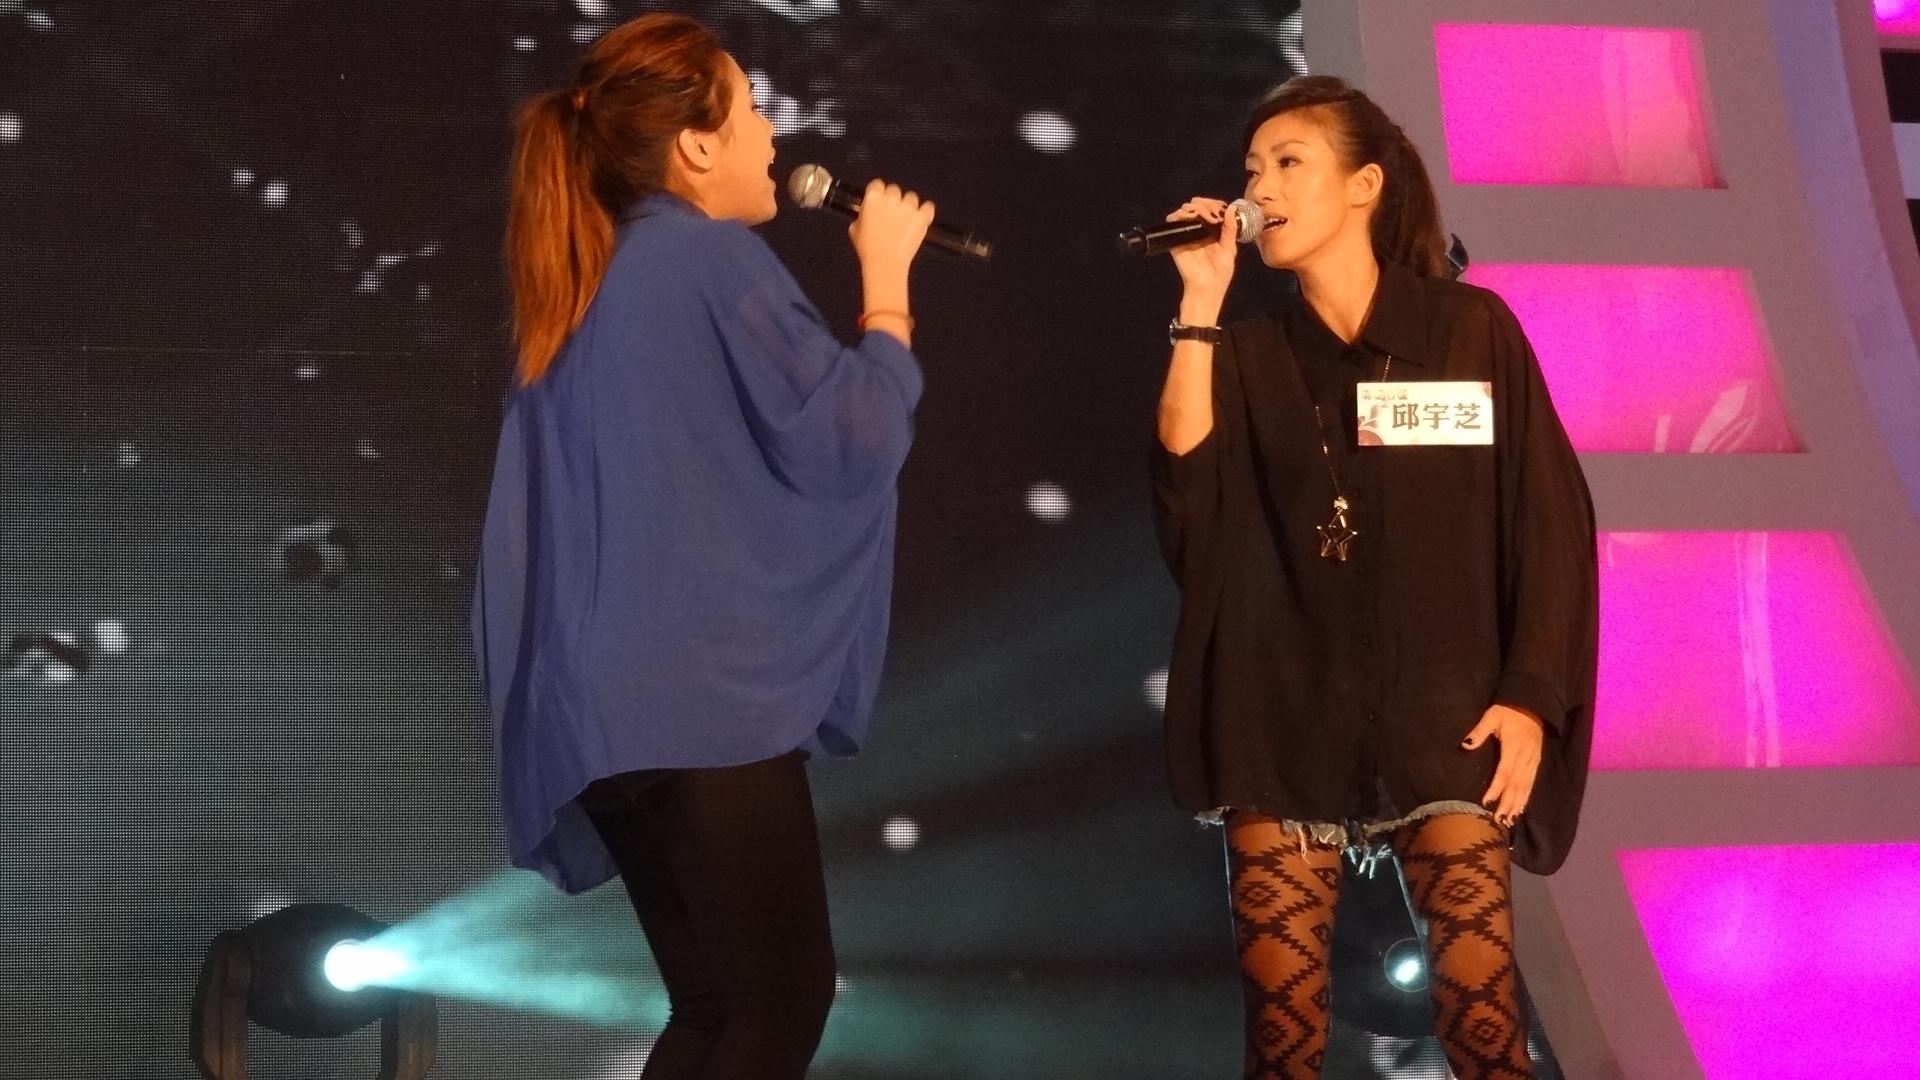 歌路相似的邱宇芝和陳雪芬 演唱張清芳的「無人熟識」讓評審林夕難以評分